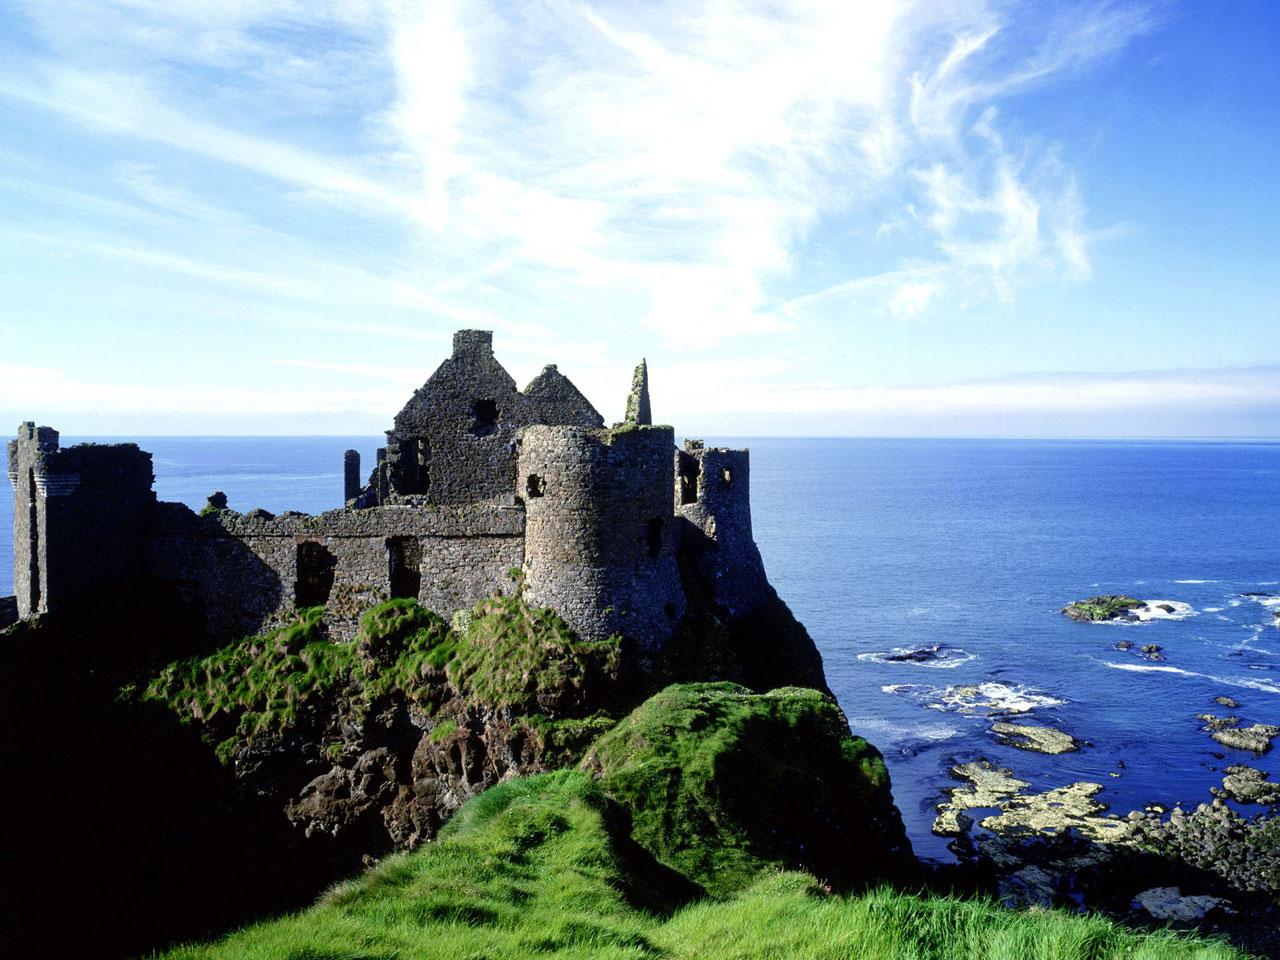 туры в Ирландию, купить тур в Ирландию, авиа туры в Ирландию